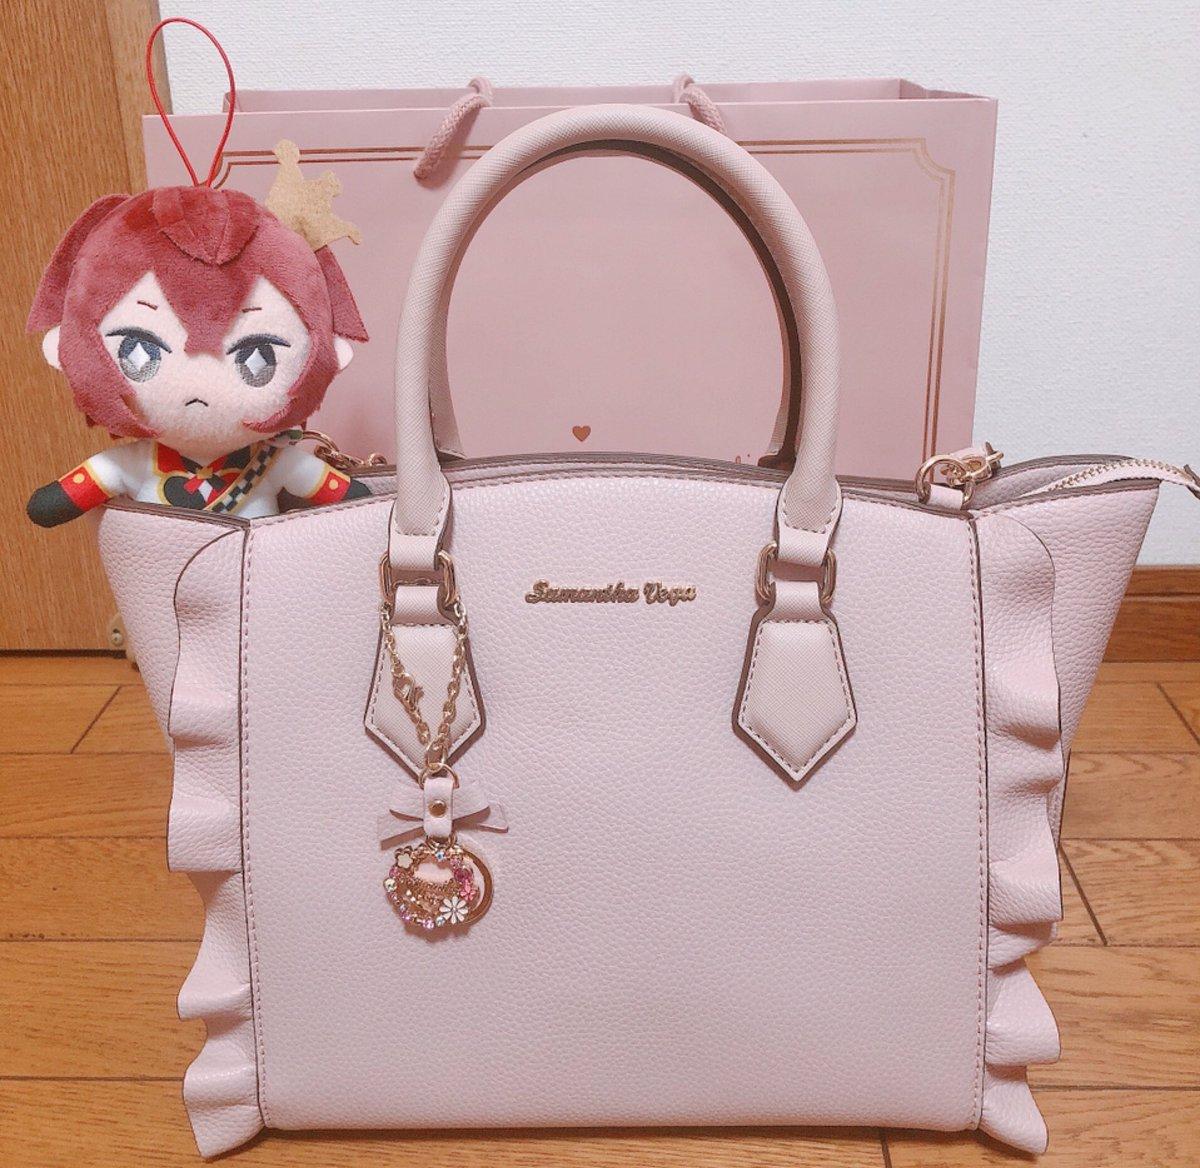 新しい鞄✨就職の祝いに買ってもらった(*ˊᵕˋ*)可愛い